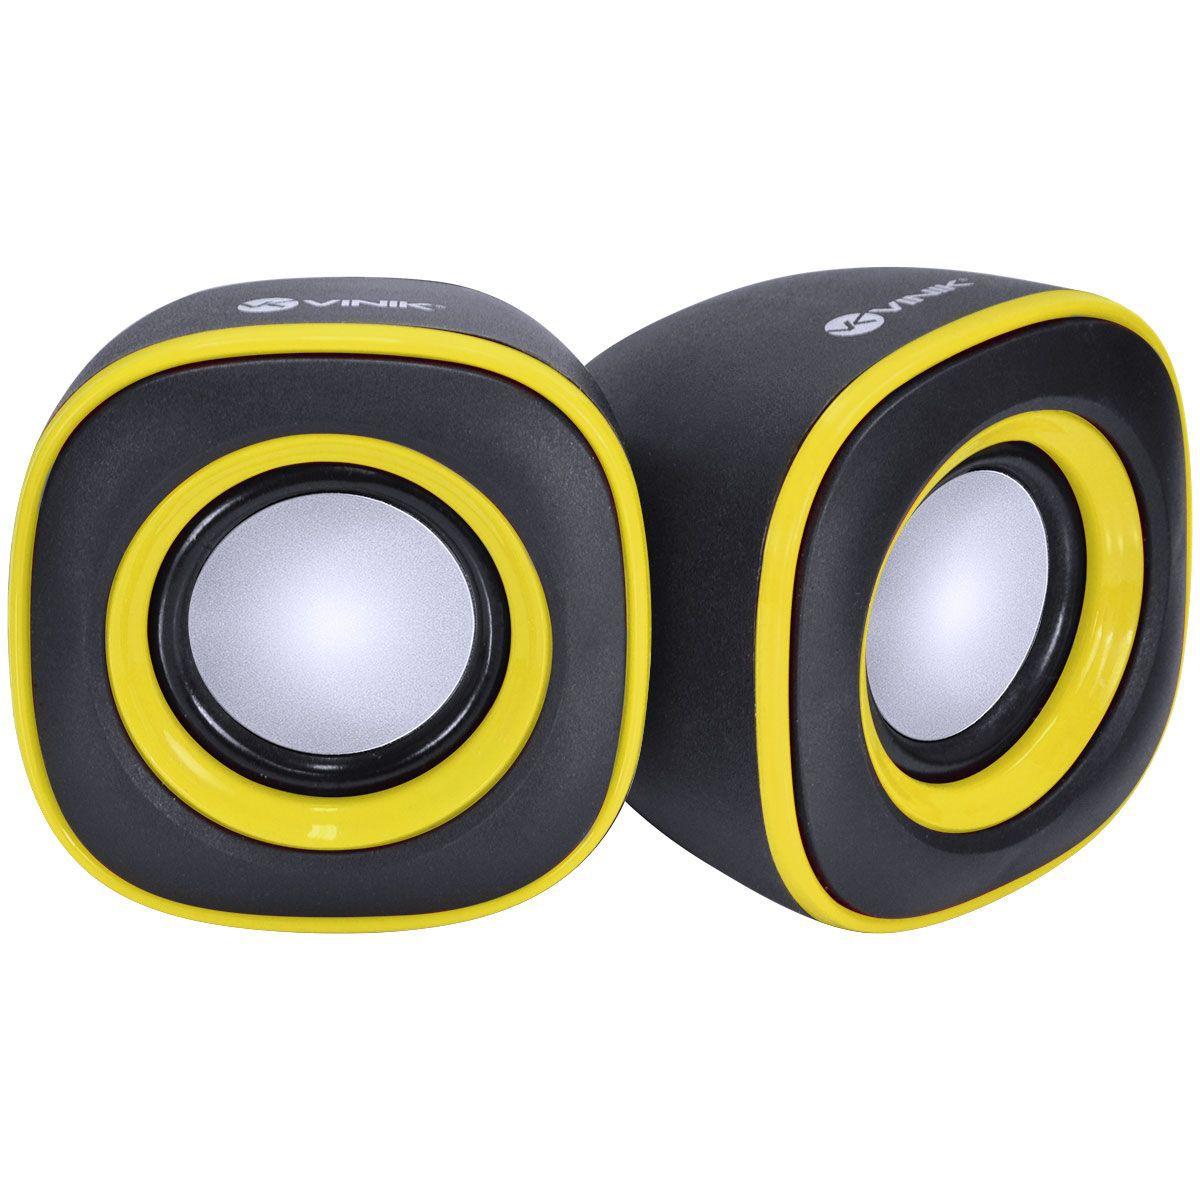 Caixa de Som 2.0 Effect 4W Controle de Som Preto com Amarelo 29690 - Vinik